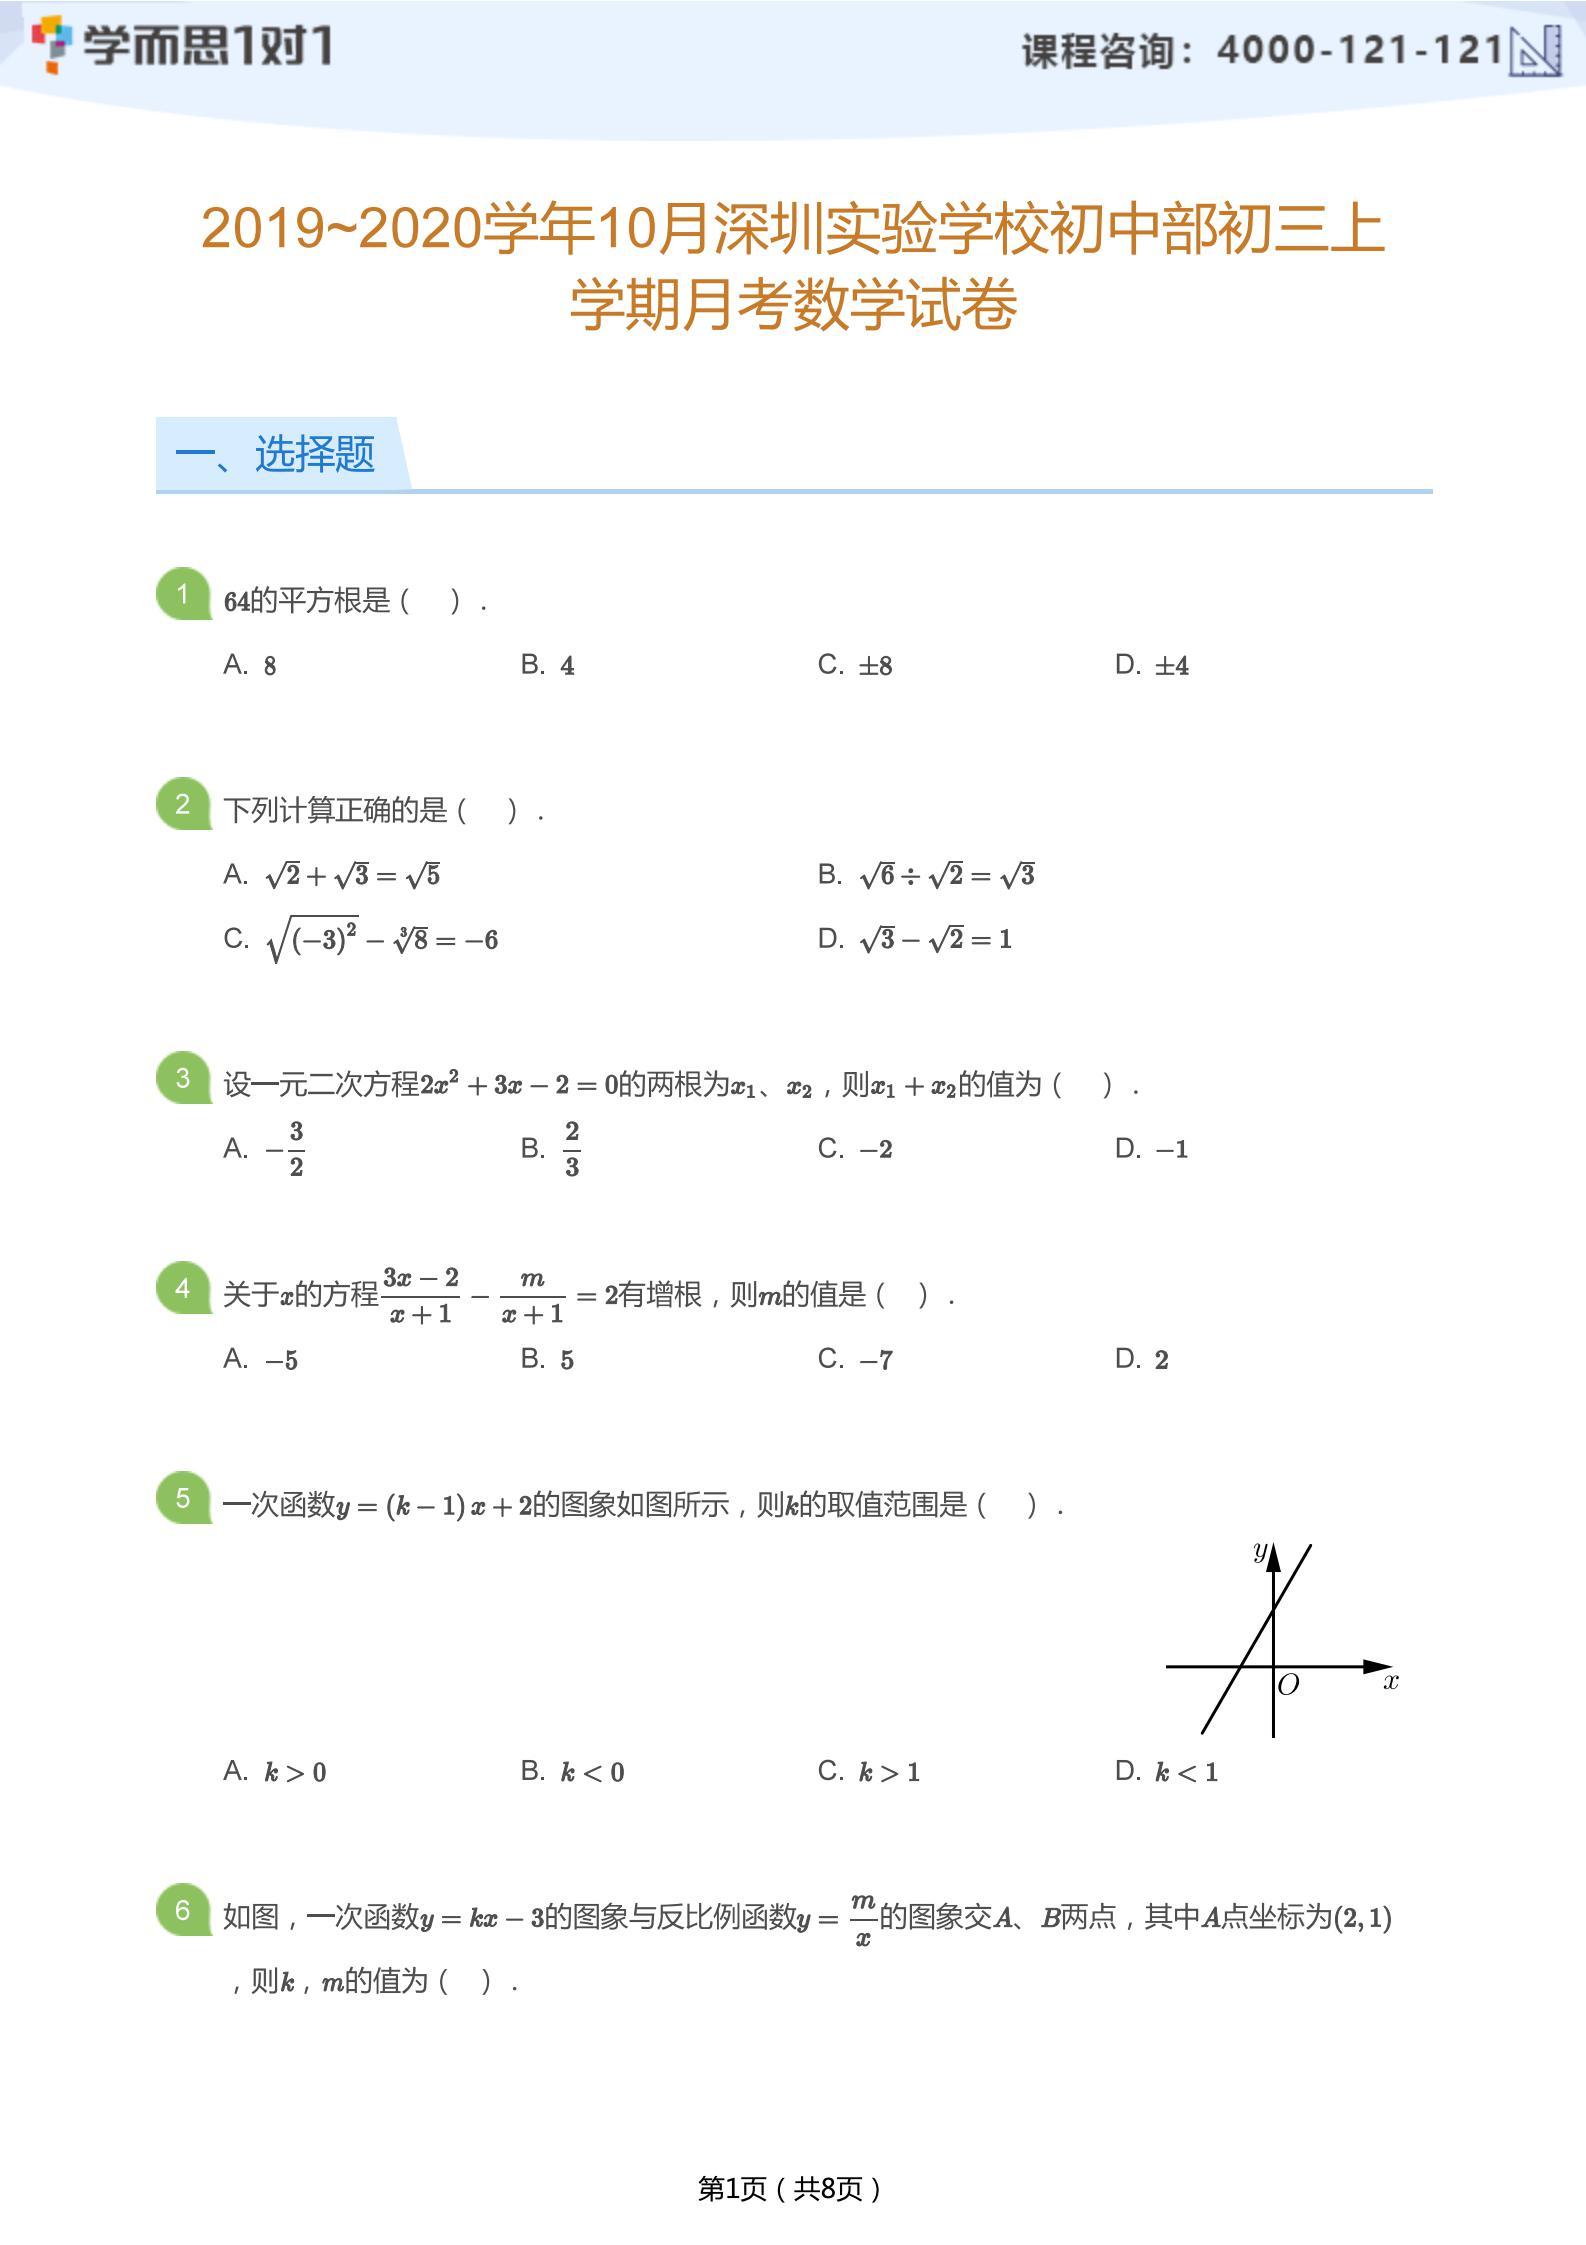 2019-2020学年10月深圳实验学校初三上月考数学试卷及答案